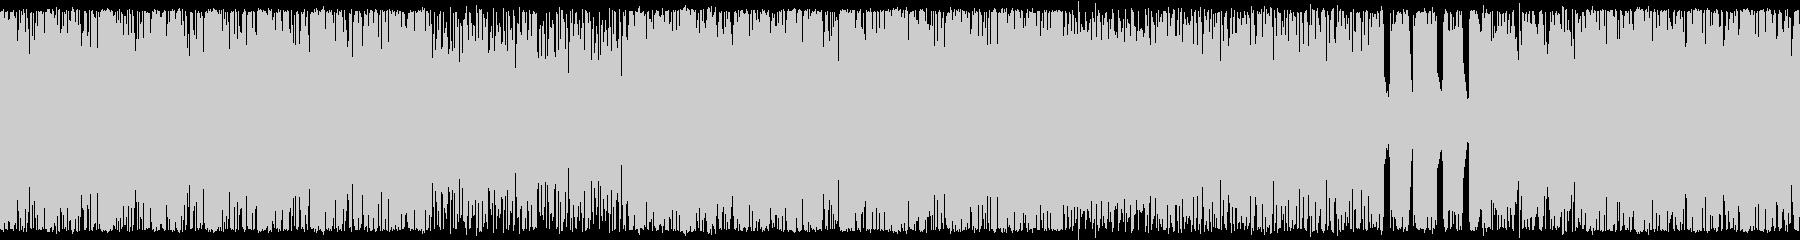 ゴリゴリのダークヒールロック ループ仕様の未再生の波形